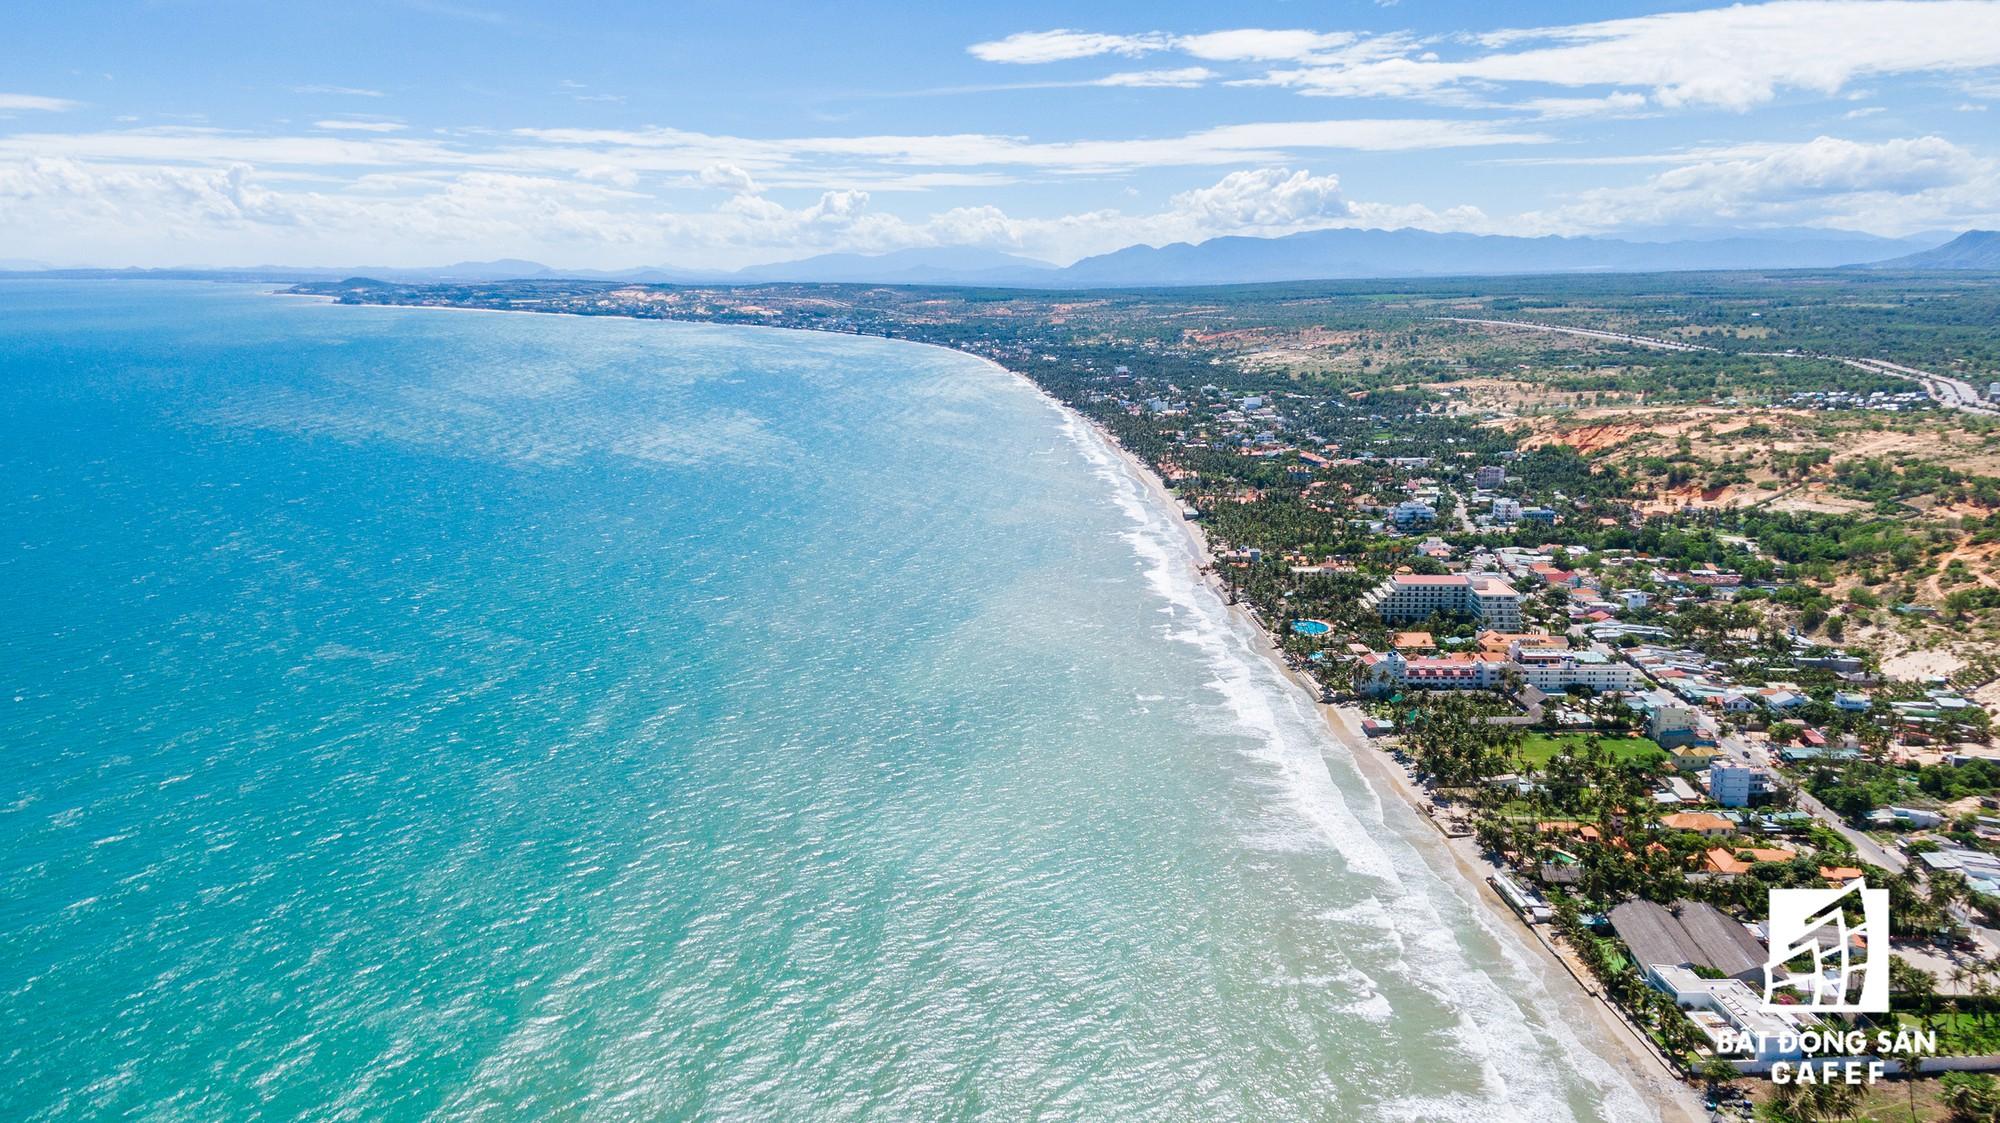 Quy hoạch thành khu du lịch quốc gia, dải ven biển này đang đón dòng vốn hàng tỷ USD, giá đất tăng chóng mặt - Ảnh 5.